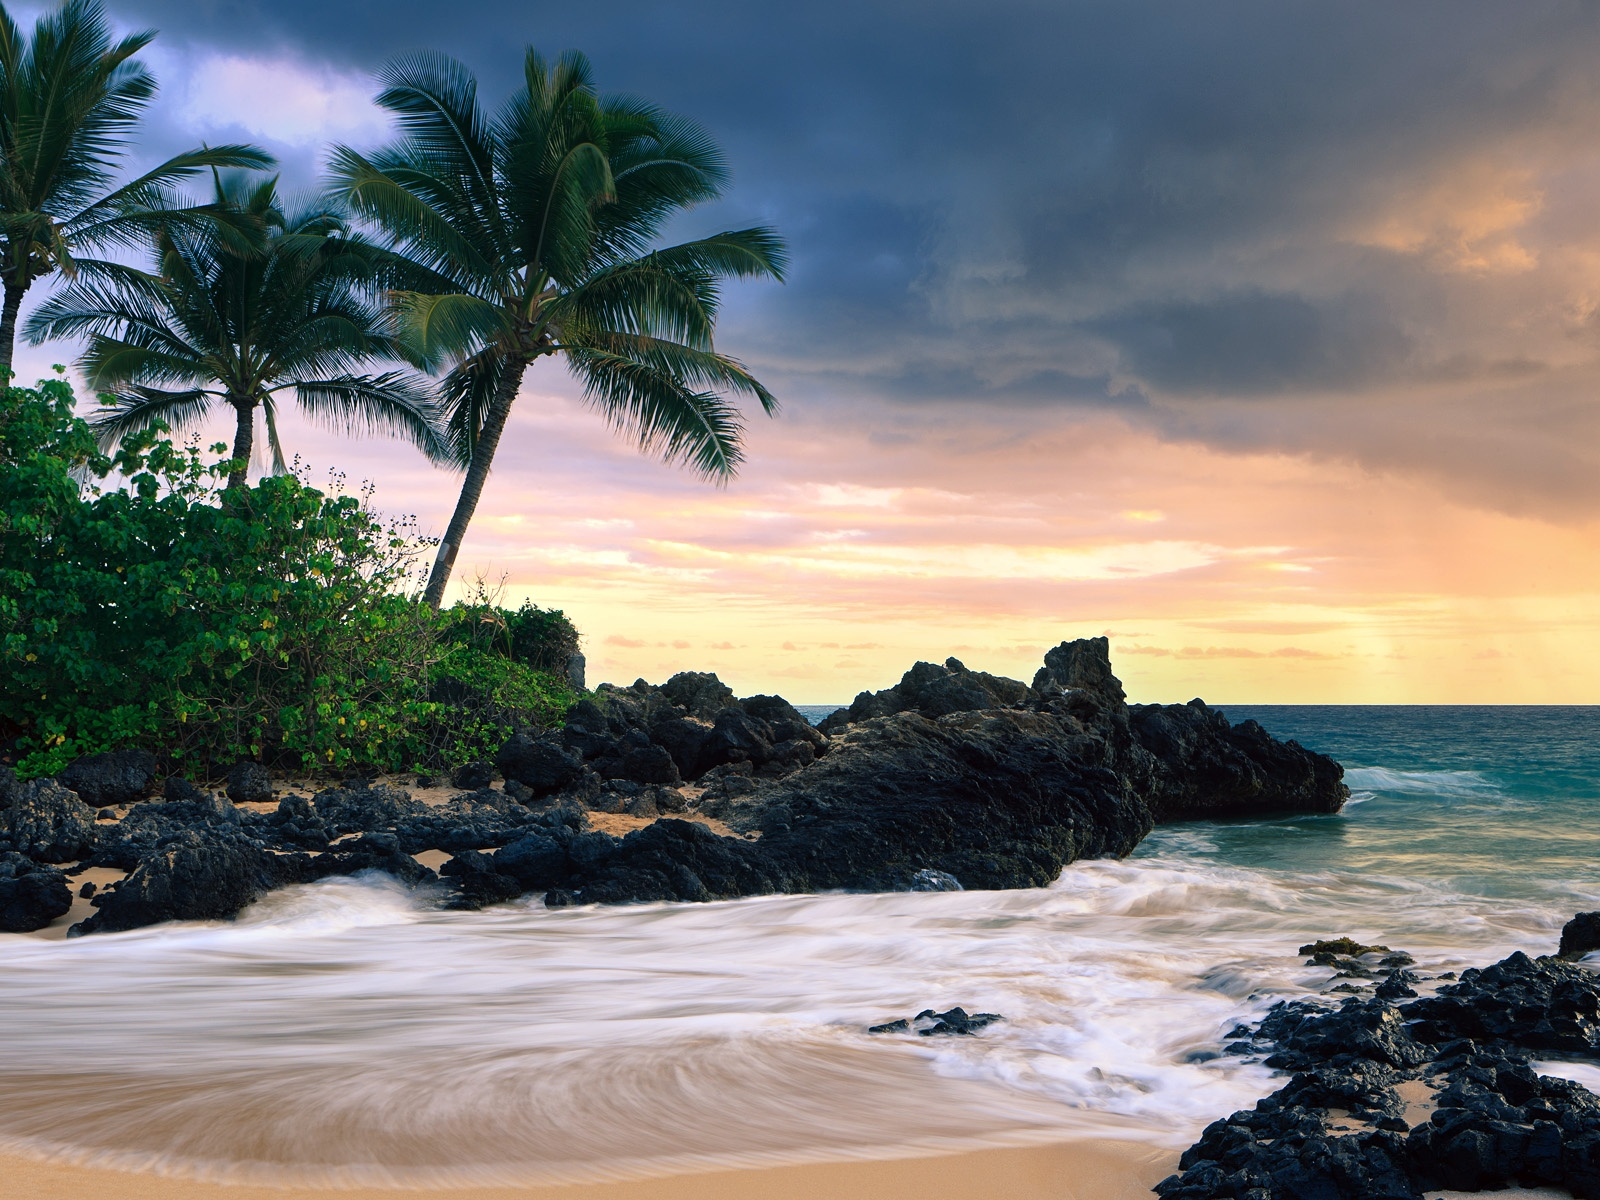 hawaii descriptive Essay descriptive hawaiicomments off on essay descriptive hawaii samuel taylor coleridge essay first paragraph of a persuasive essay ethics persuasive essay.